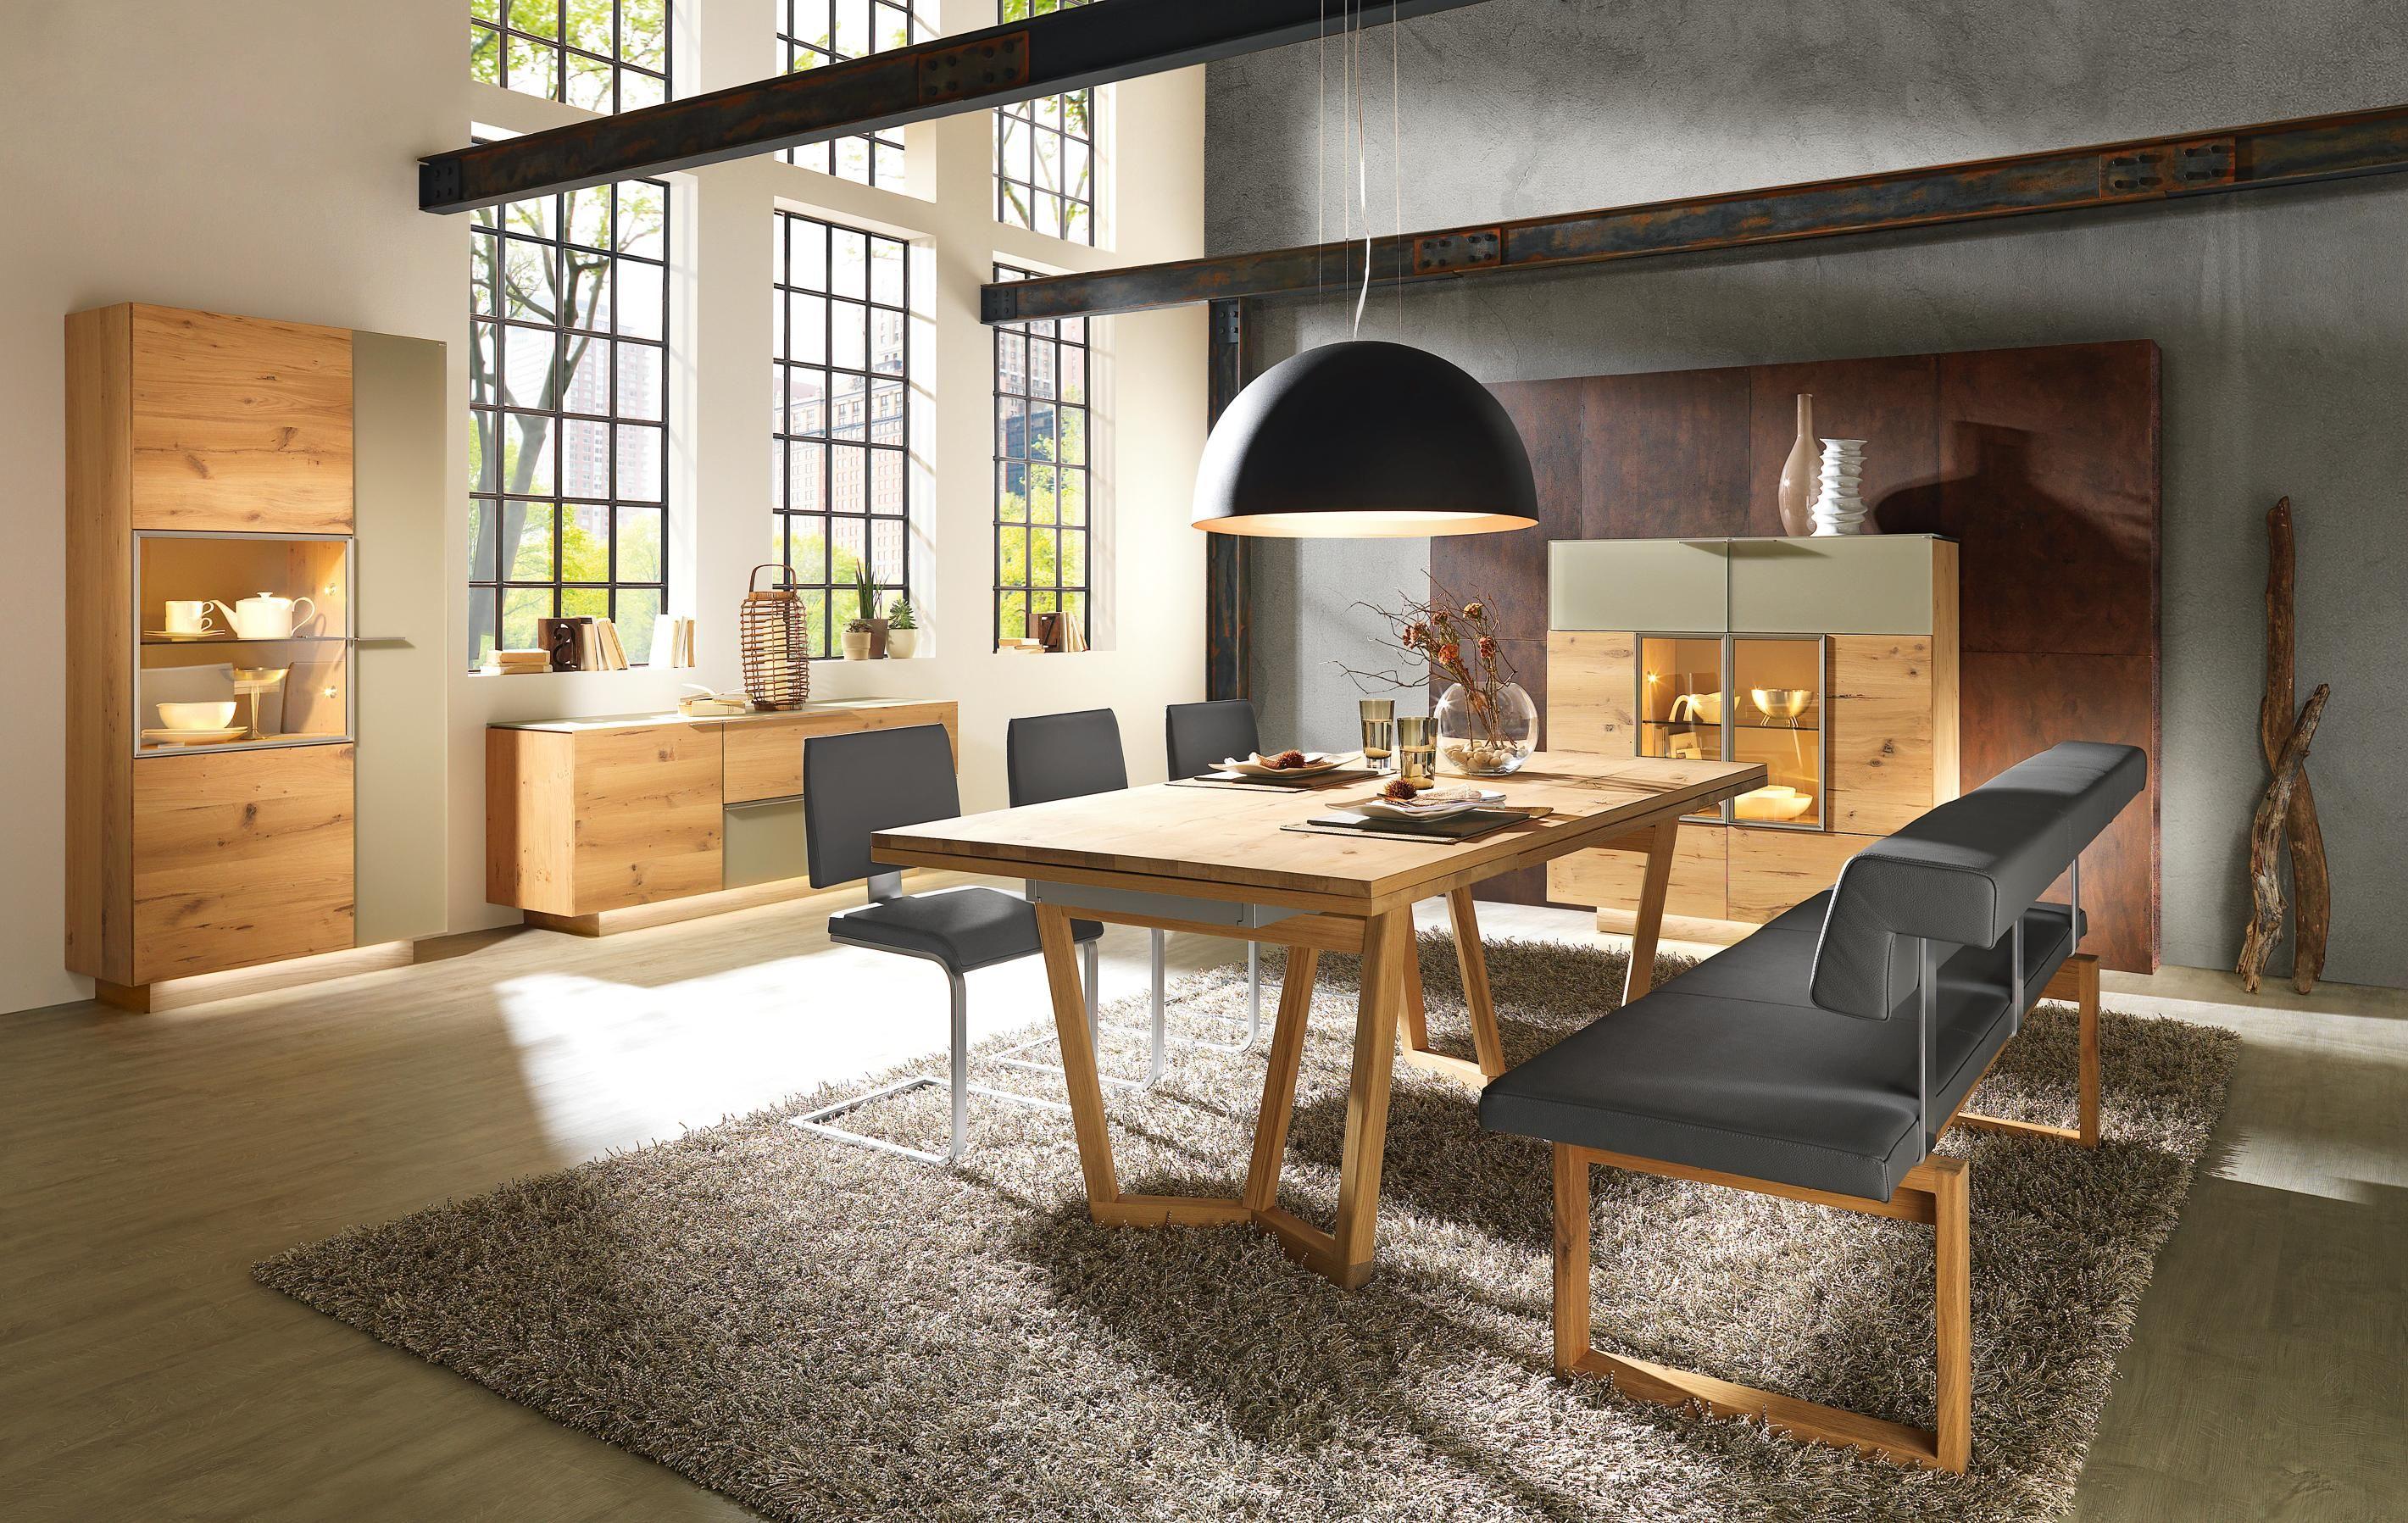 Voglauer Schlafzimmer ~ Voglauer speisezimmer dining esszimmer